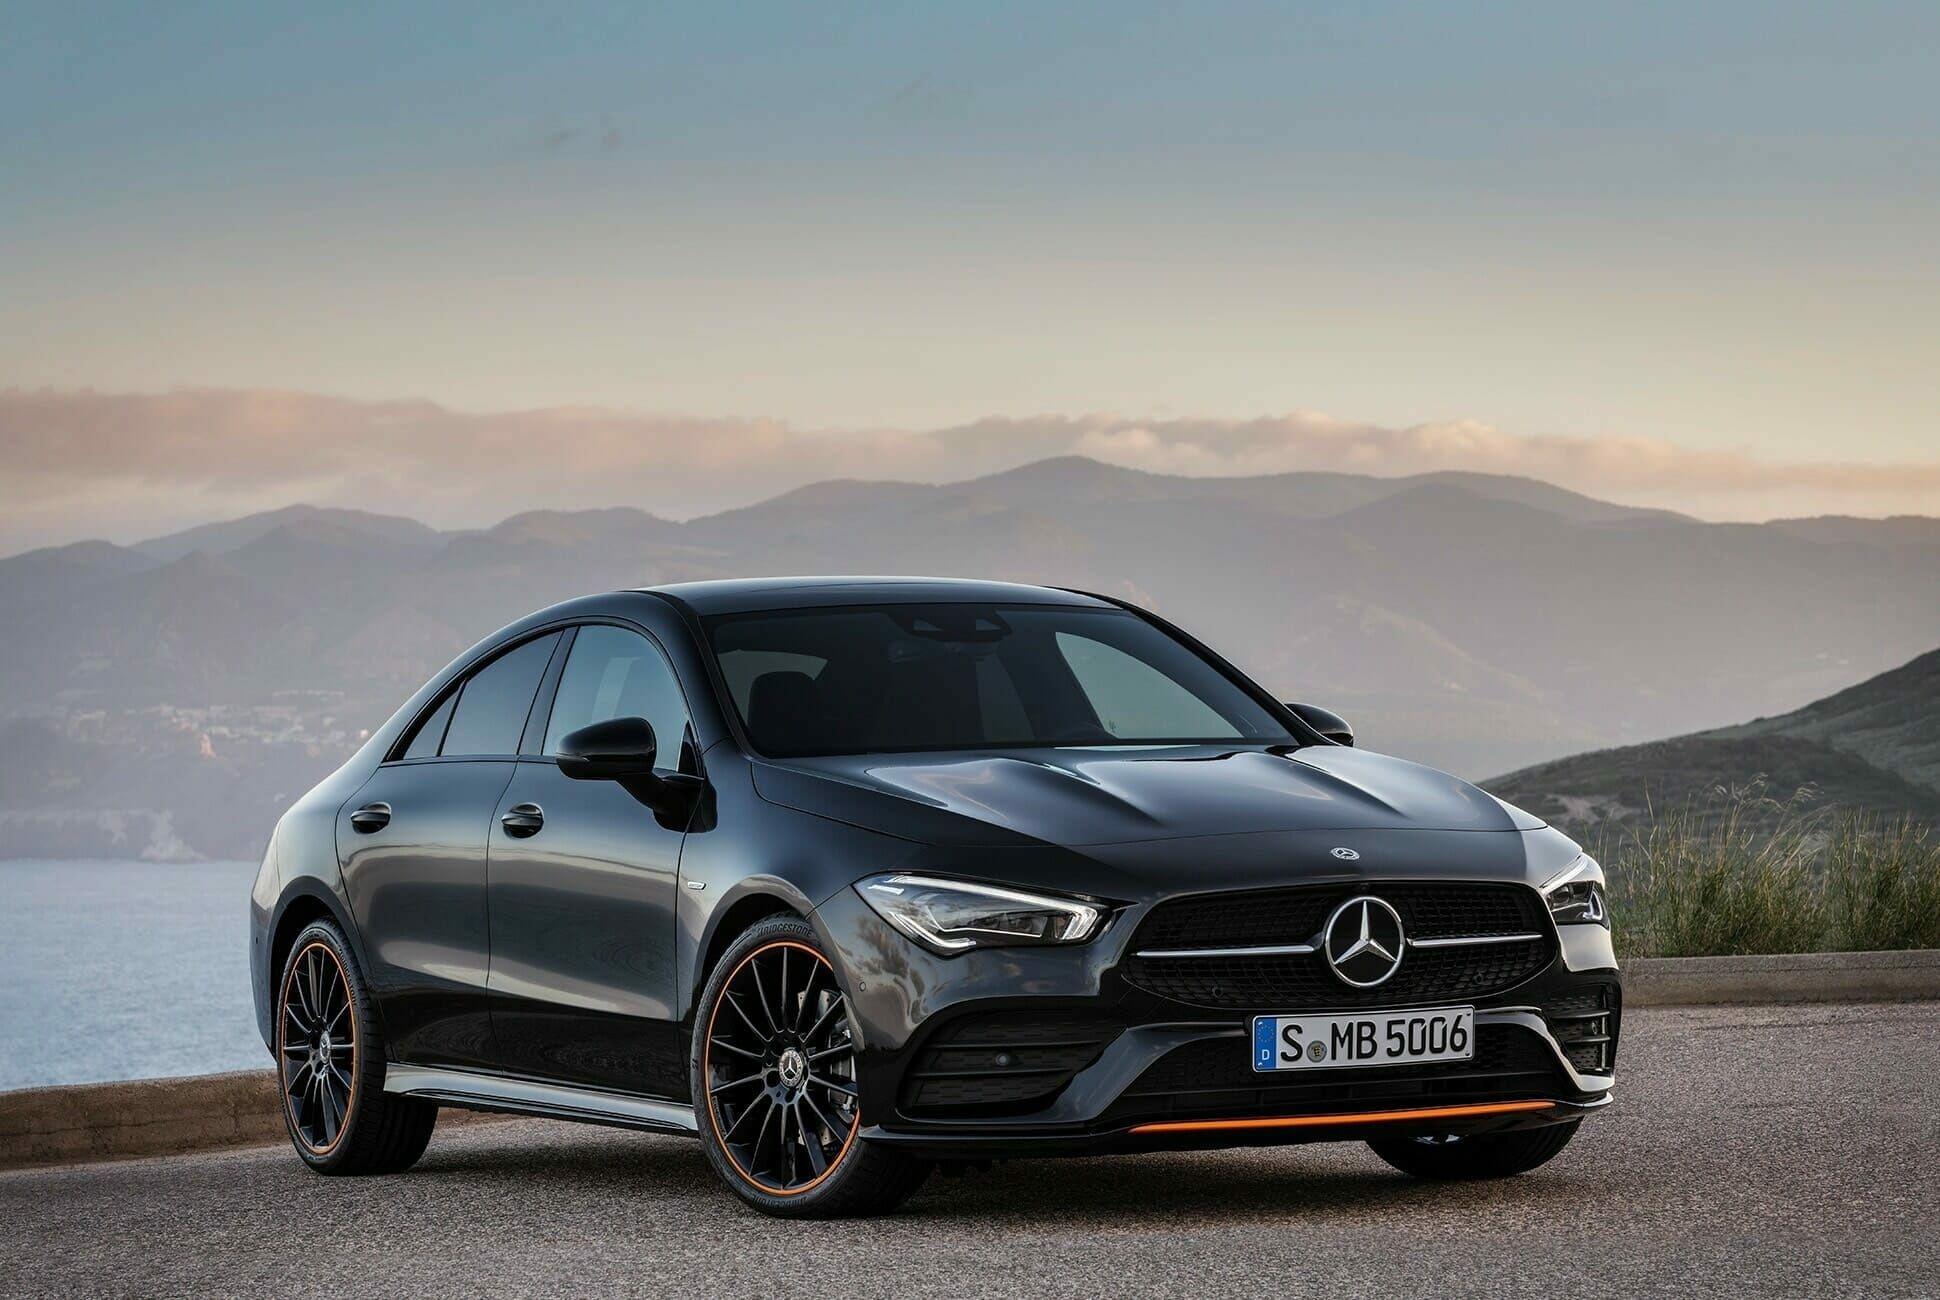 2020 Mercedes Benz Cla Spy Shots Mercedes Benz Mercedes